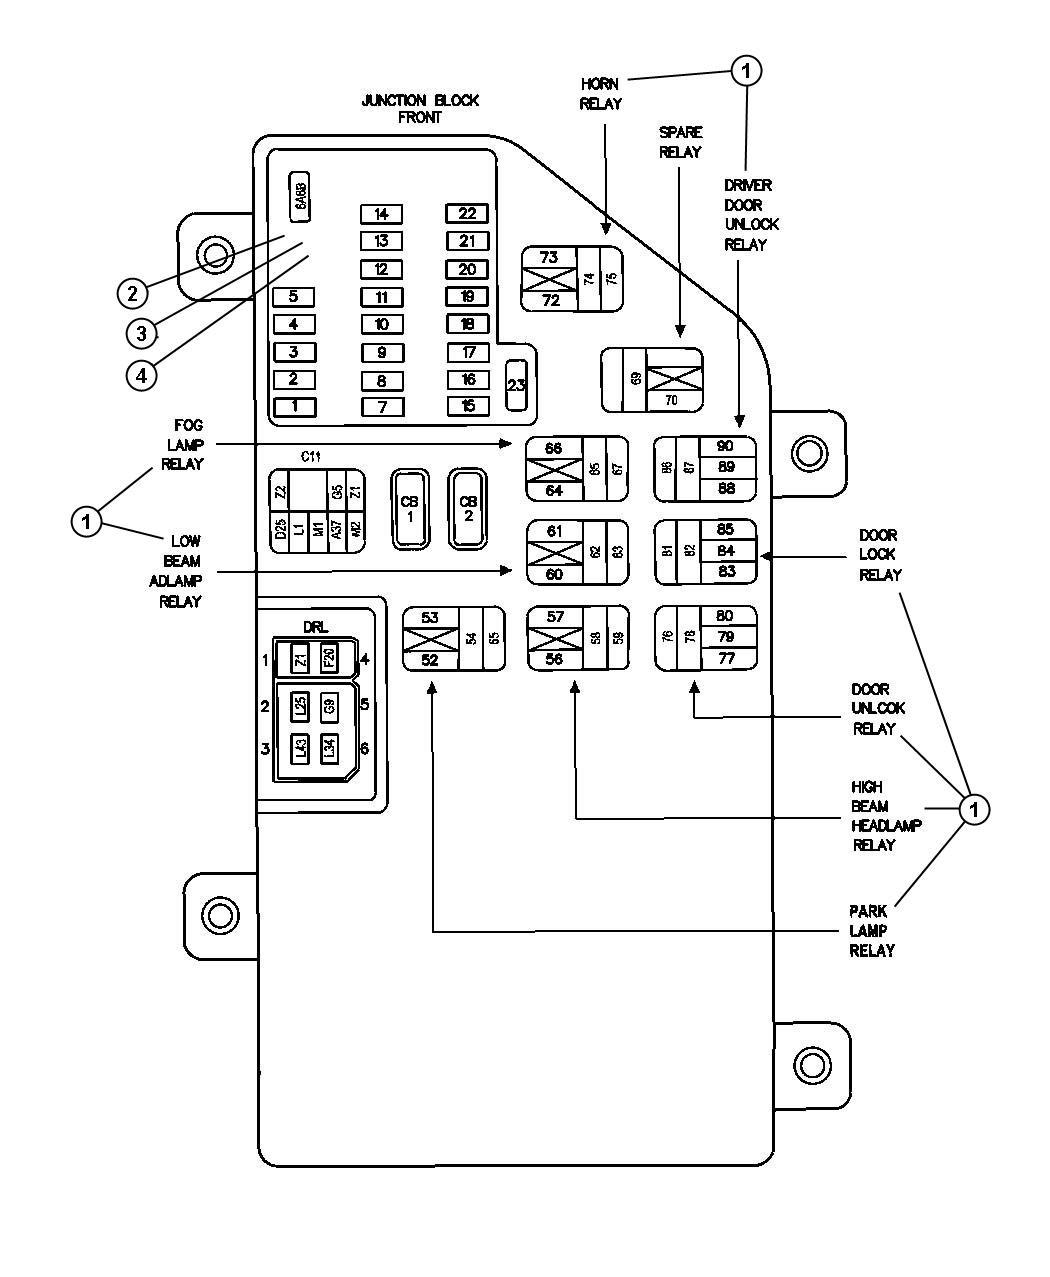 Chrysler Concorde 1997 Wiring Diagram - Wiring Diagram